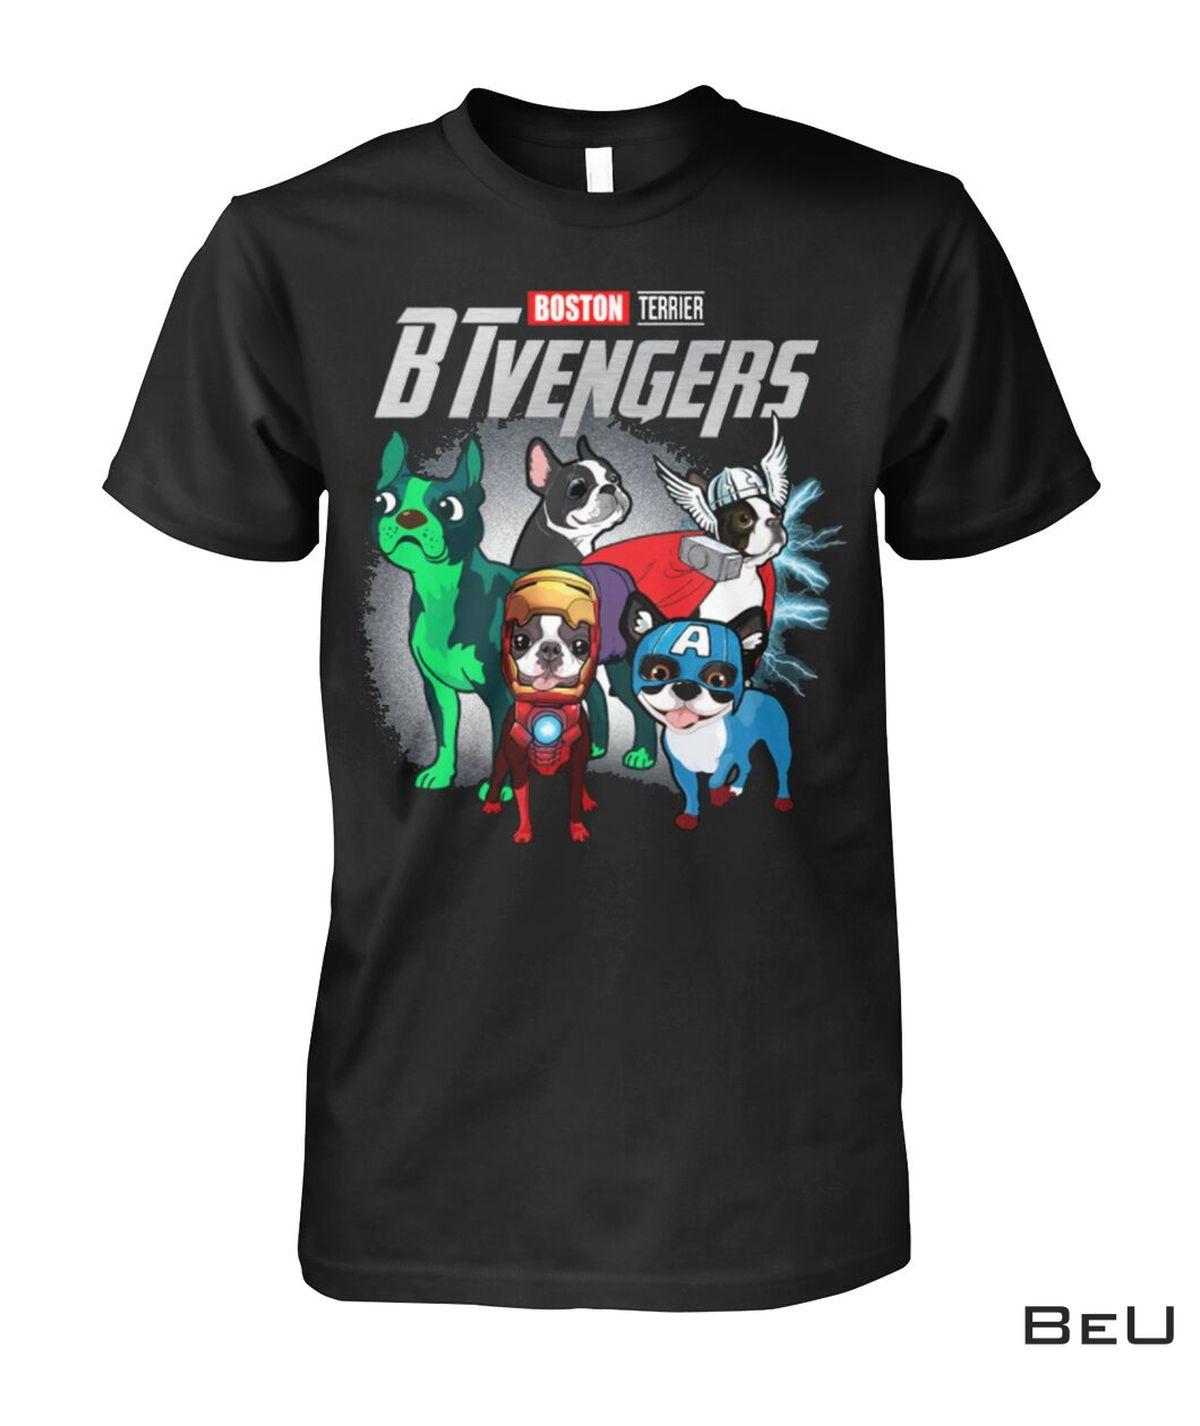 Boston Terrier BTvengers Avengers Shirt